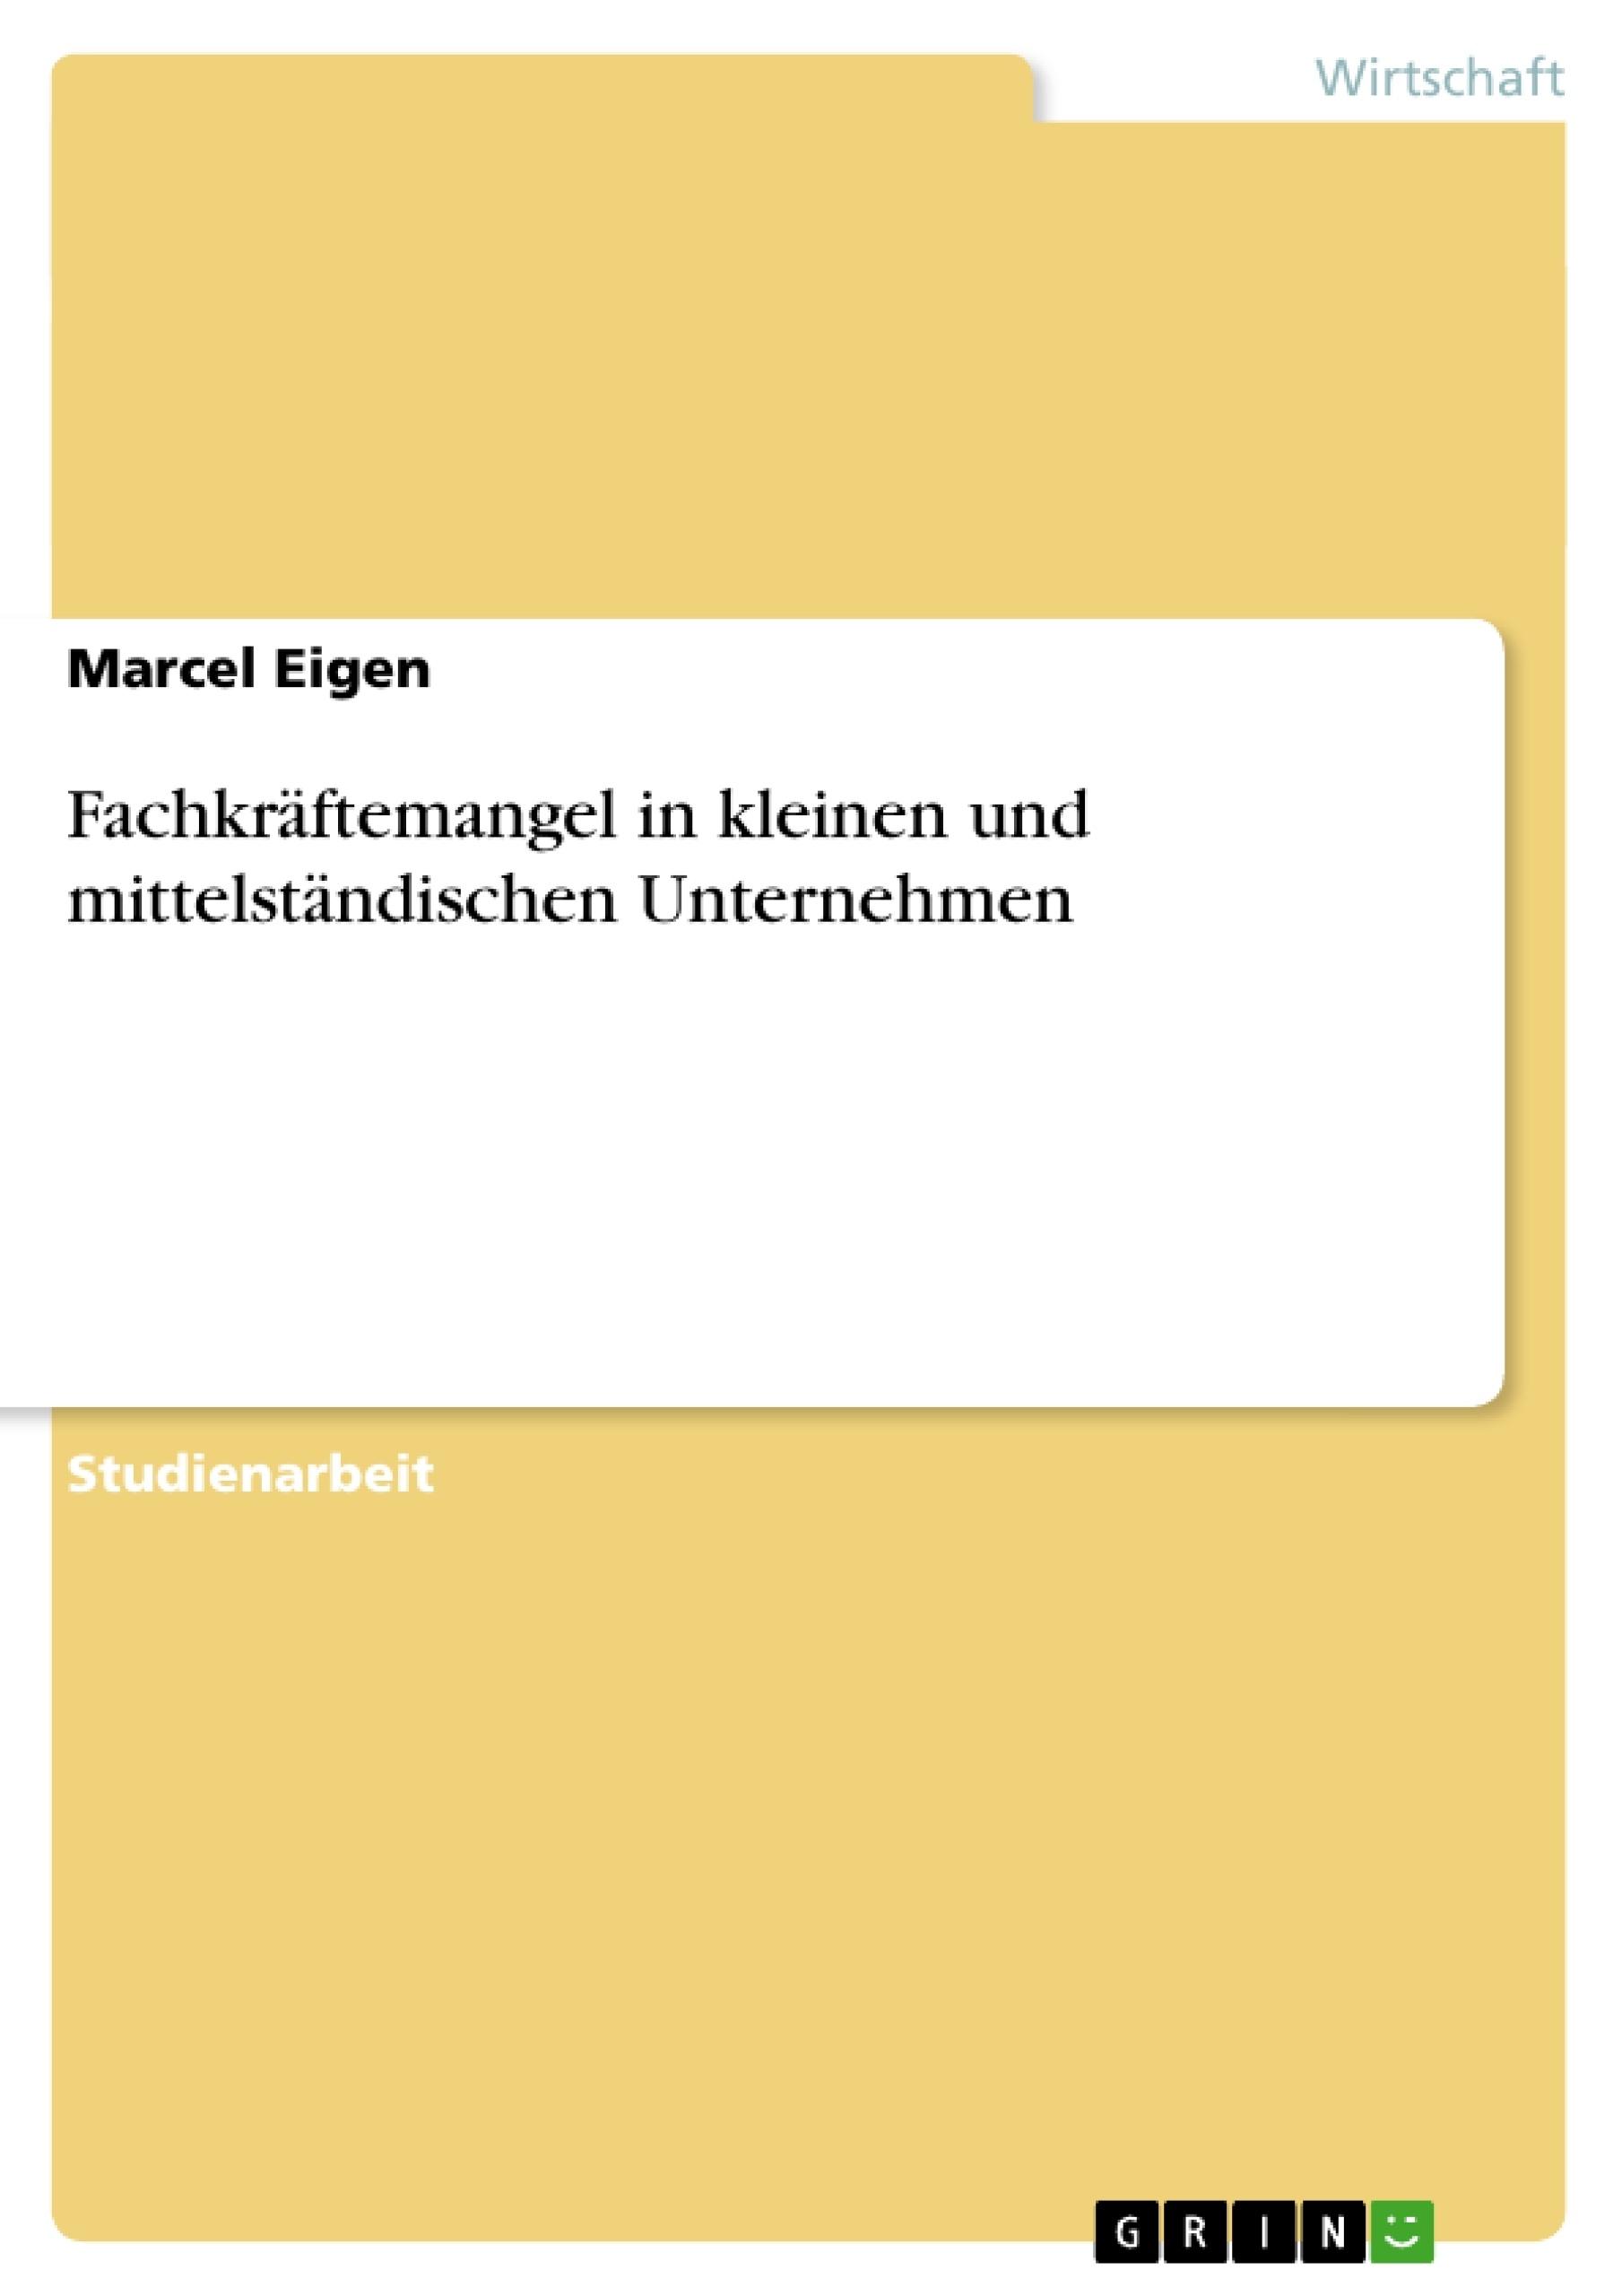 Titel: Fachkräftemangel in kleinen und mittelständischen Unternehmen